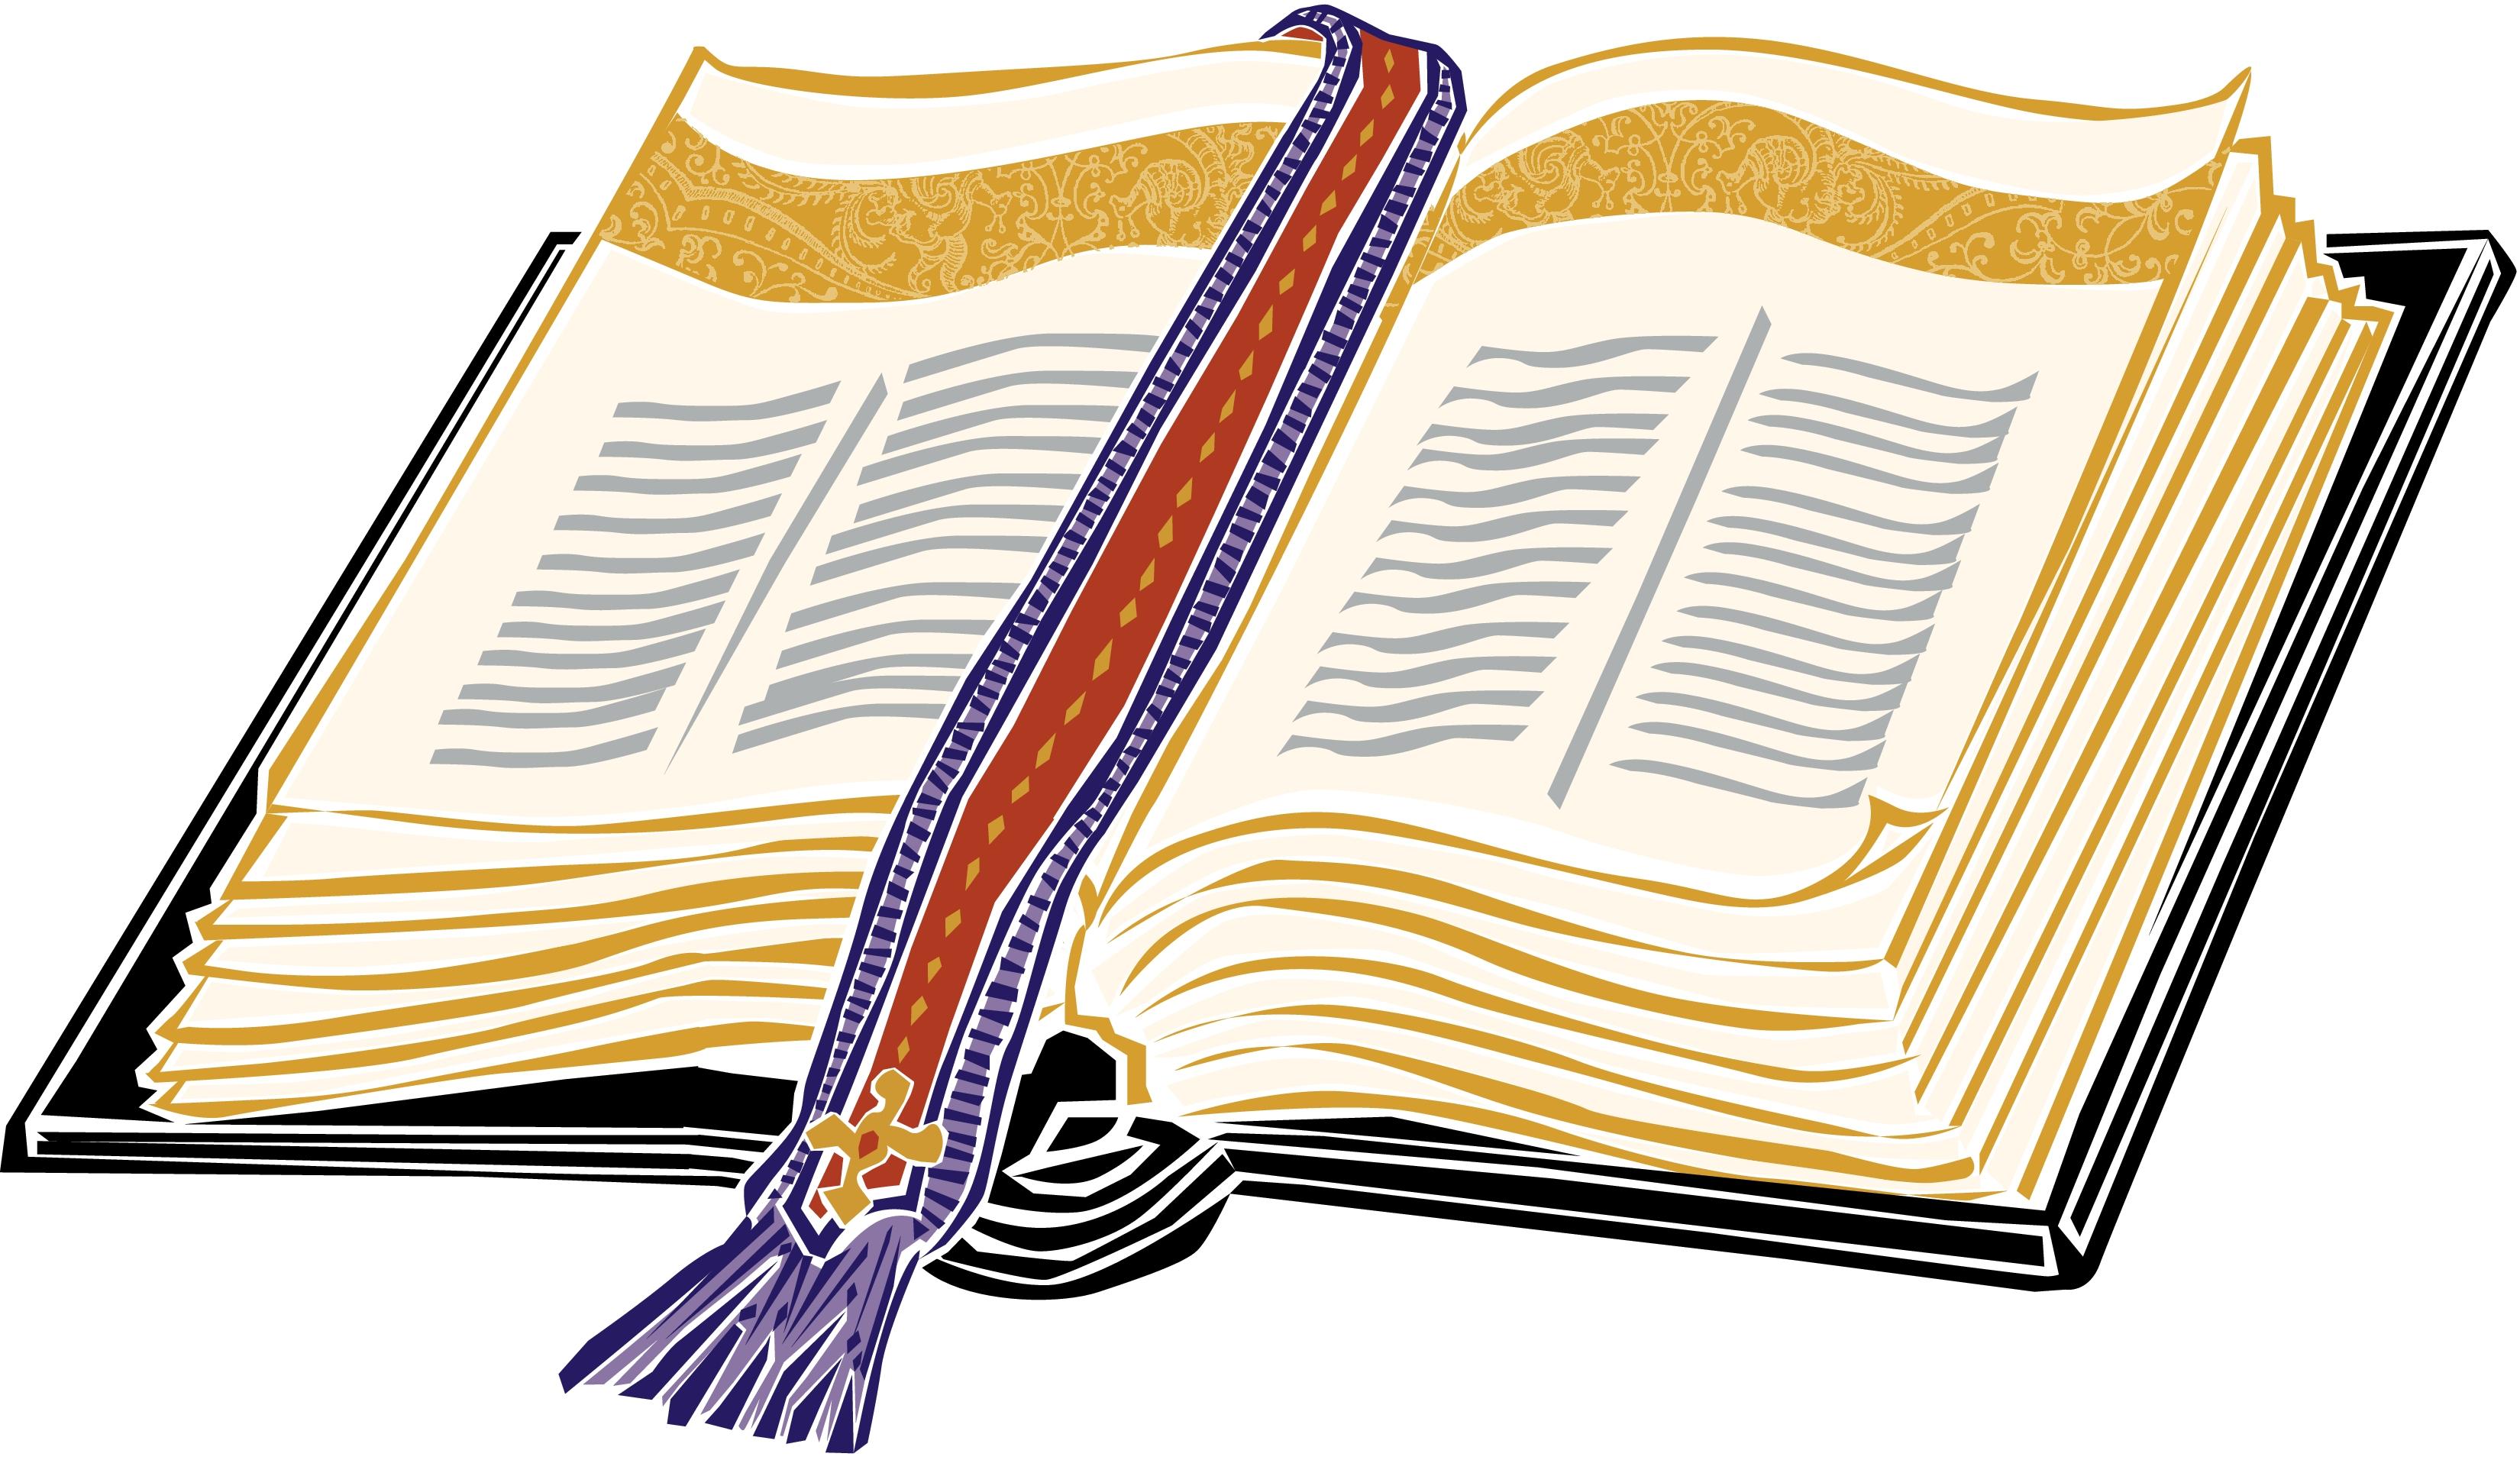 3300x1912 Book Clipart Open Bible